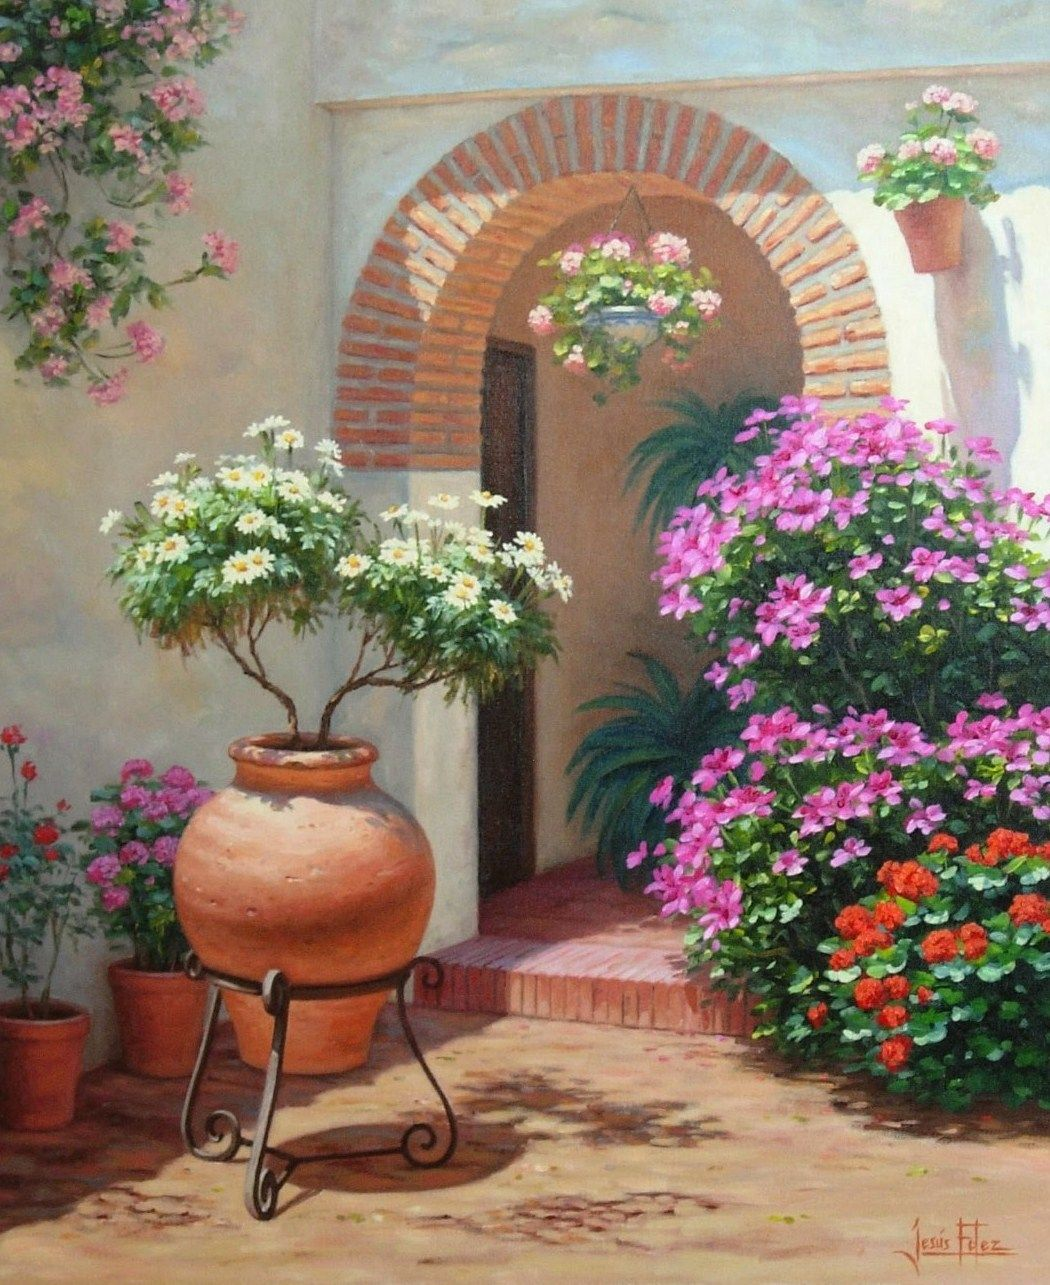 Pinturas cuadros pinturas paisajes con flores by jesus - Jardines con rosas ...